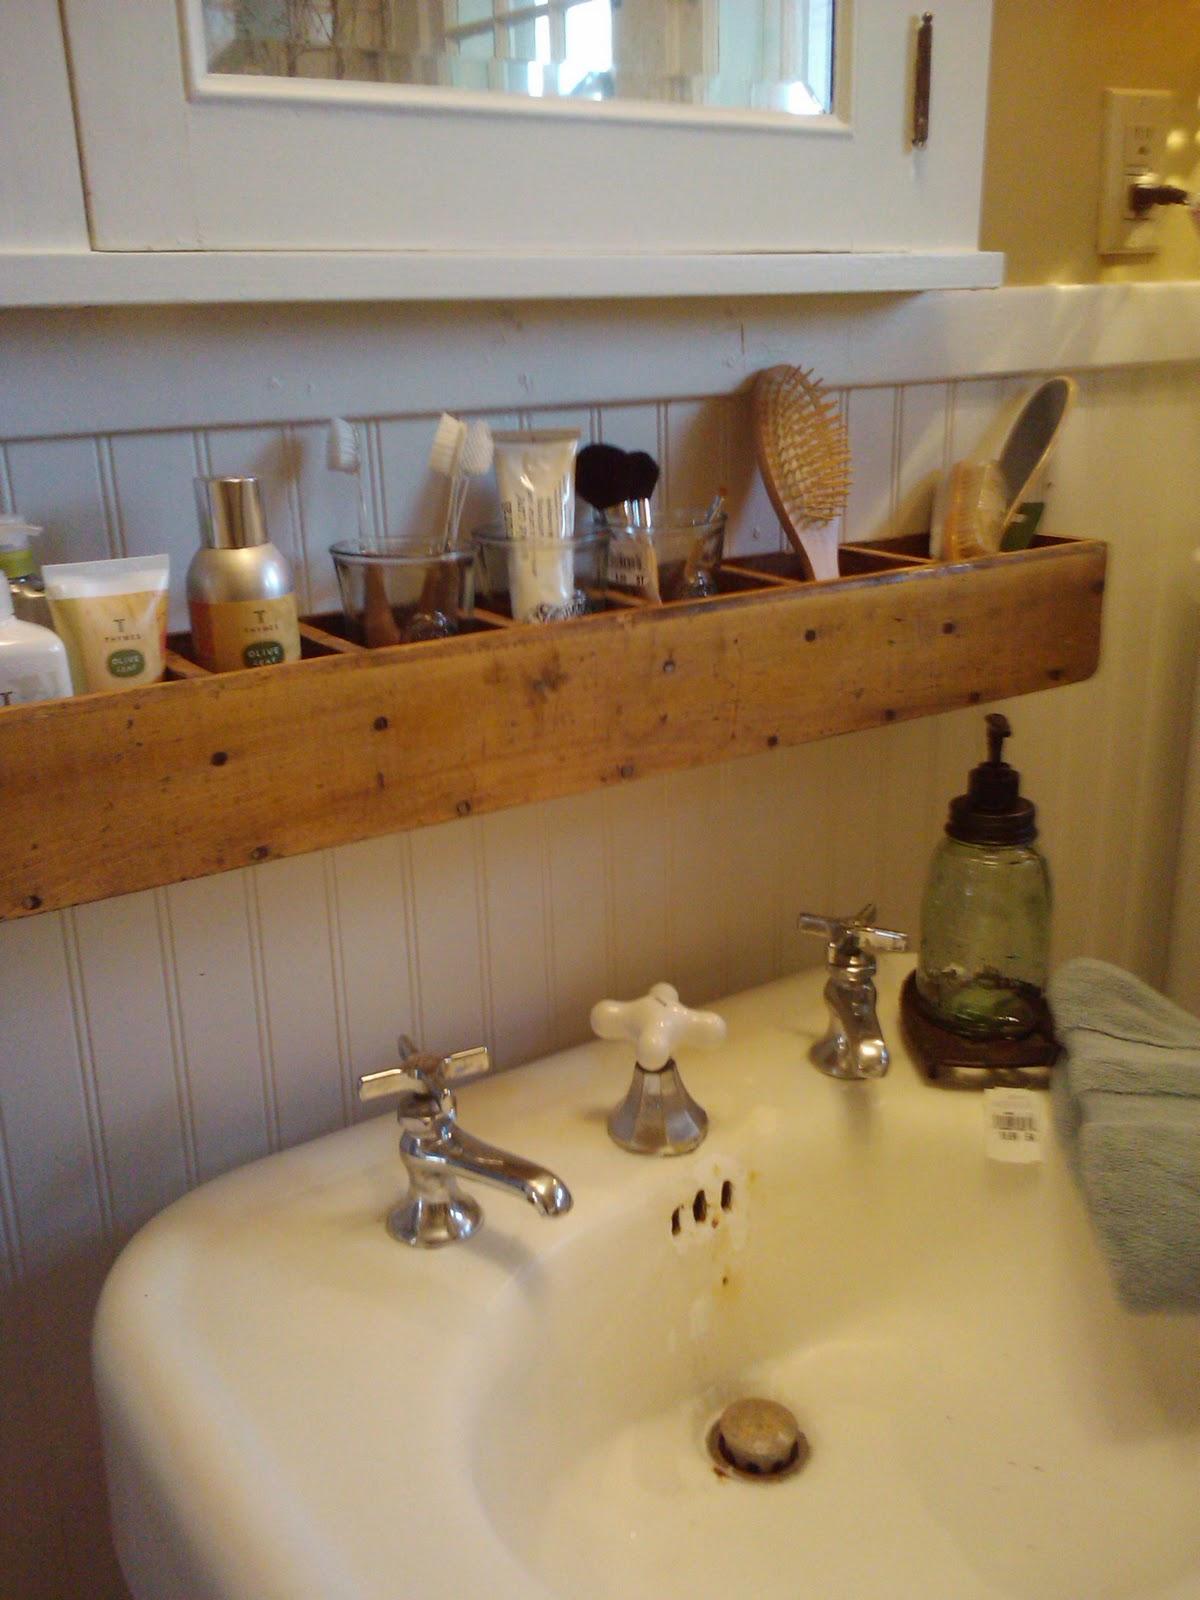 Copy & Paste SOLUÇÃO PARA BANHEIRO PEQUENO -> Banheiro Pequeno Solucao